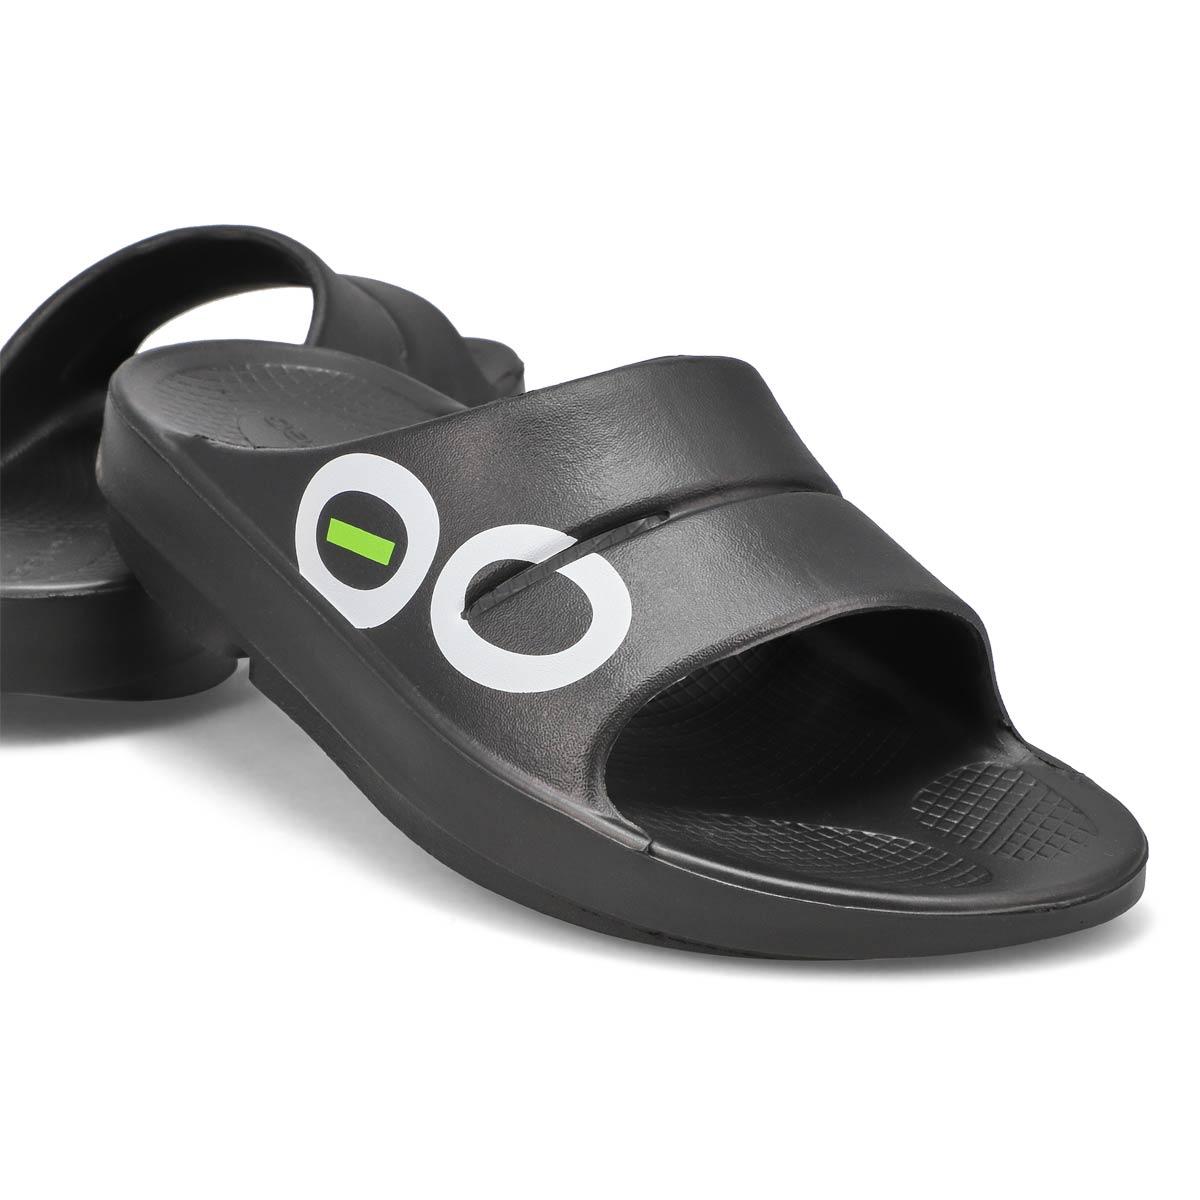 Mns OOahh Sport black/white slide sandal